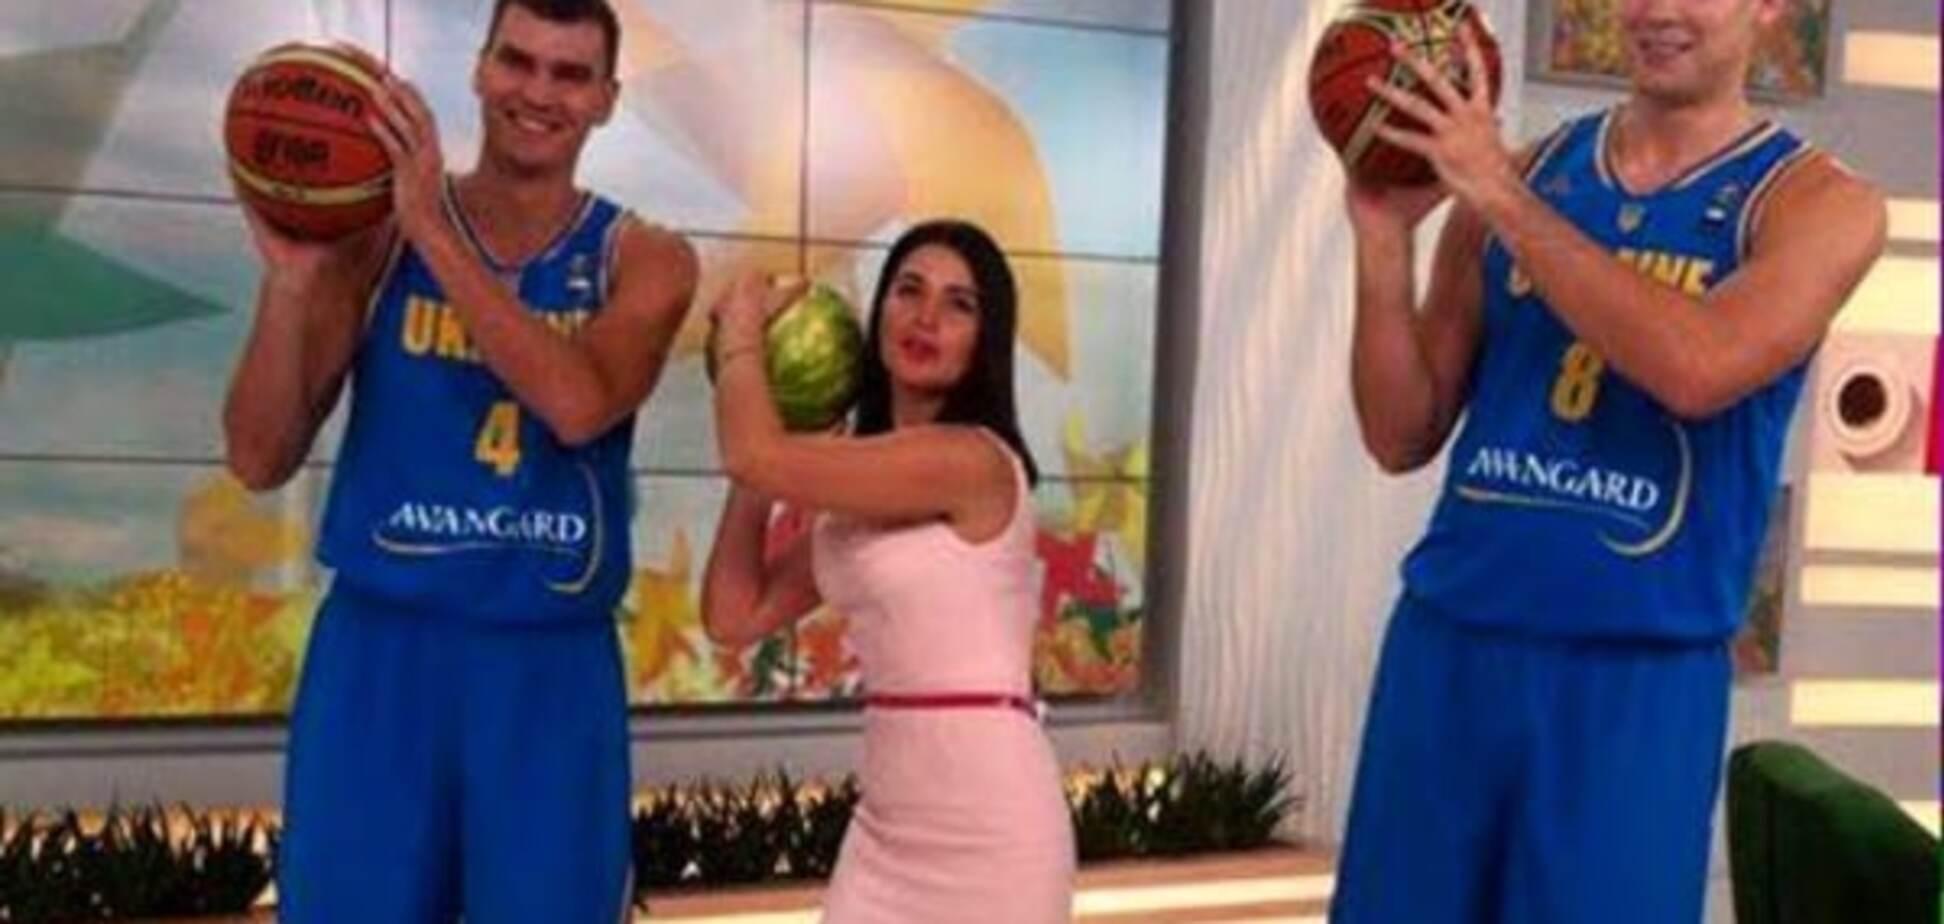 Капитан украинской сборной по баскетболу получил от ведущей '1+1' арбуз